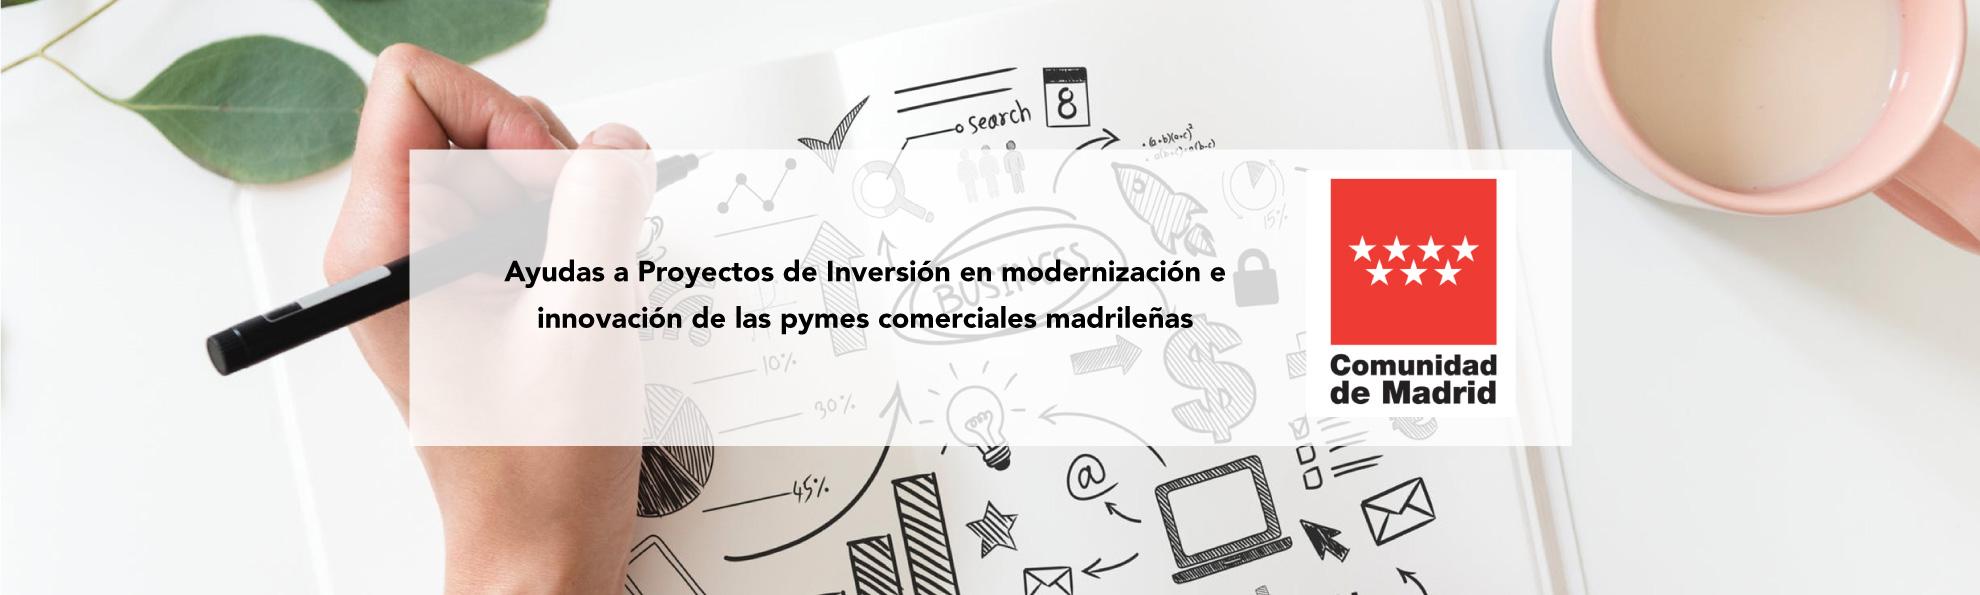 Ayudas para la inversión en modernización e innovación de las pymes madrileñas